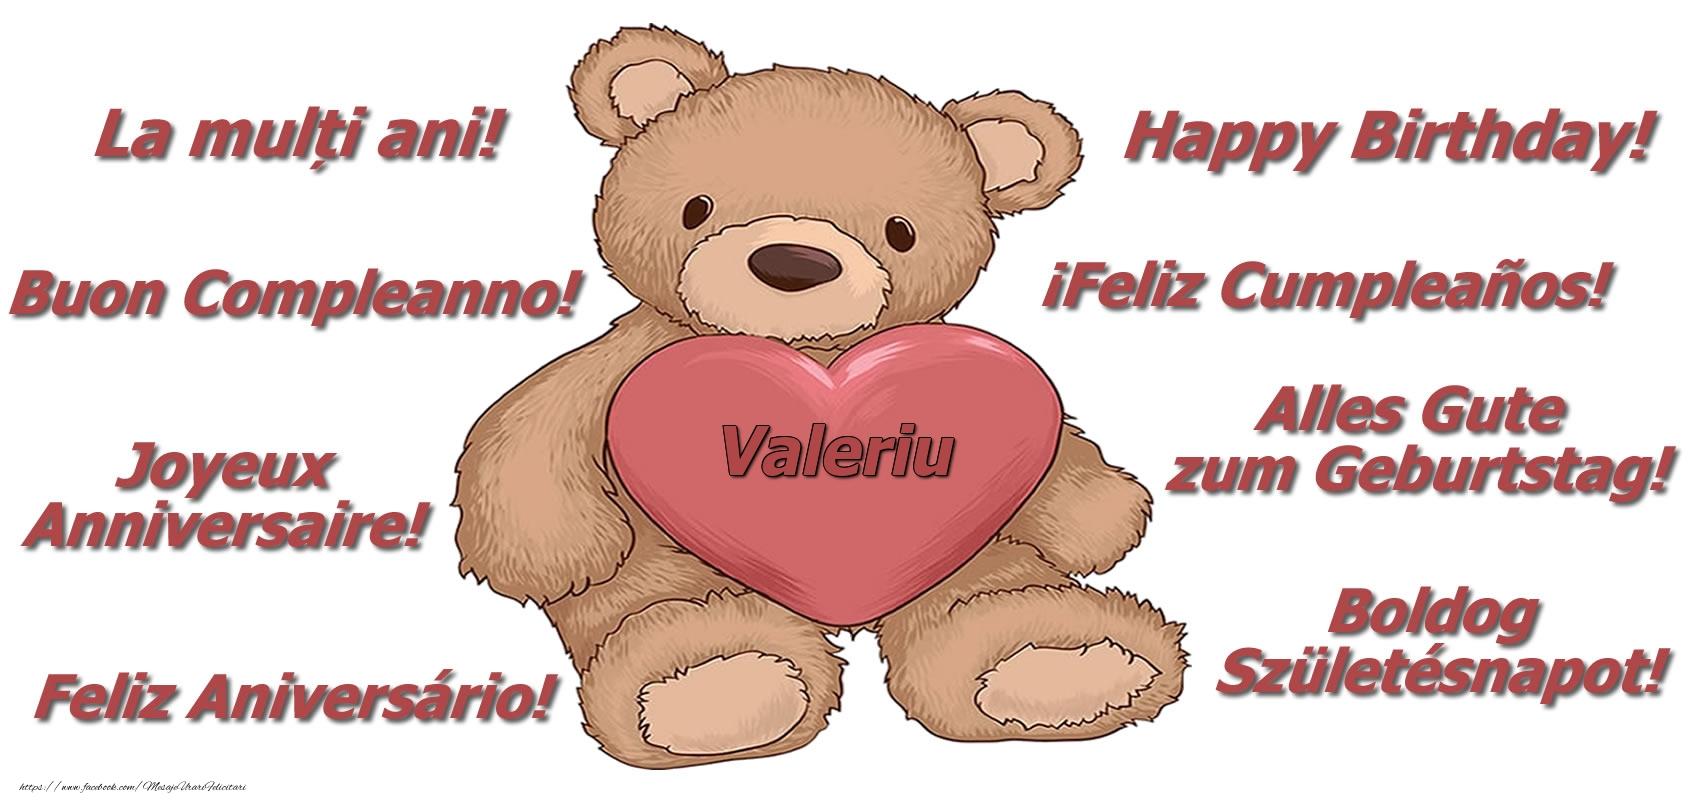 Felicitari de zi de nastere - La multi ani Valeriu! - Ursulet